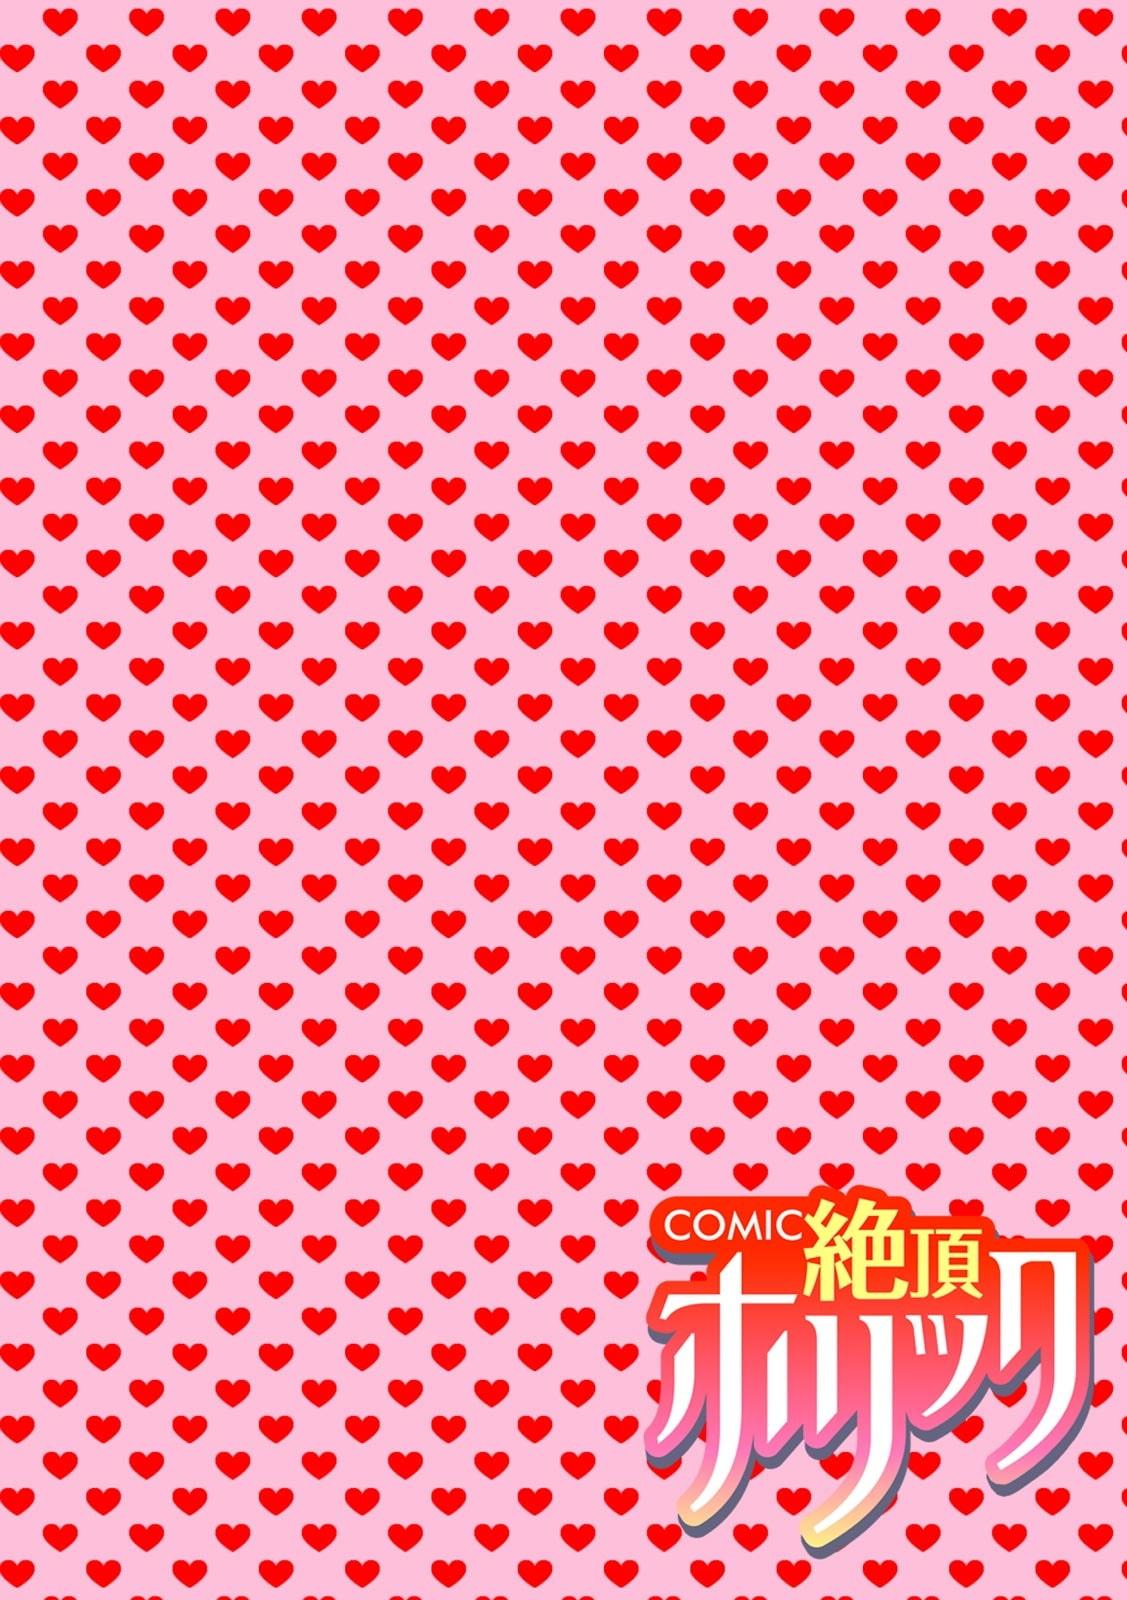 COMIC絶頂ホリック vol.35